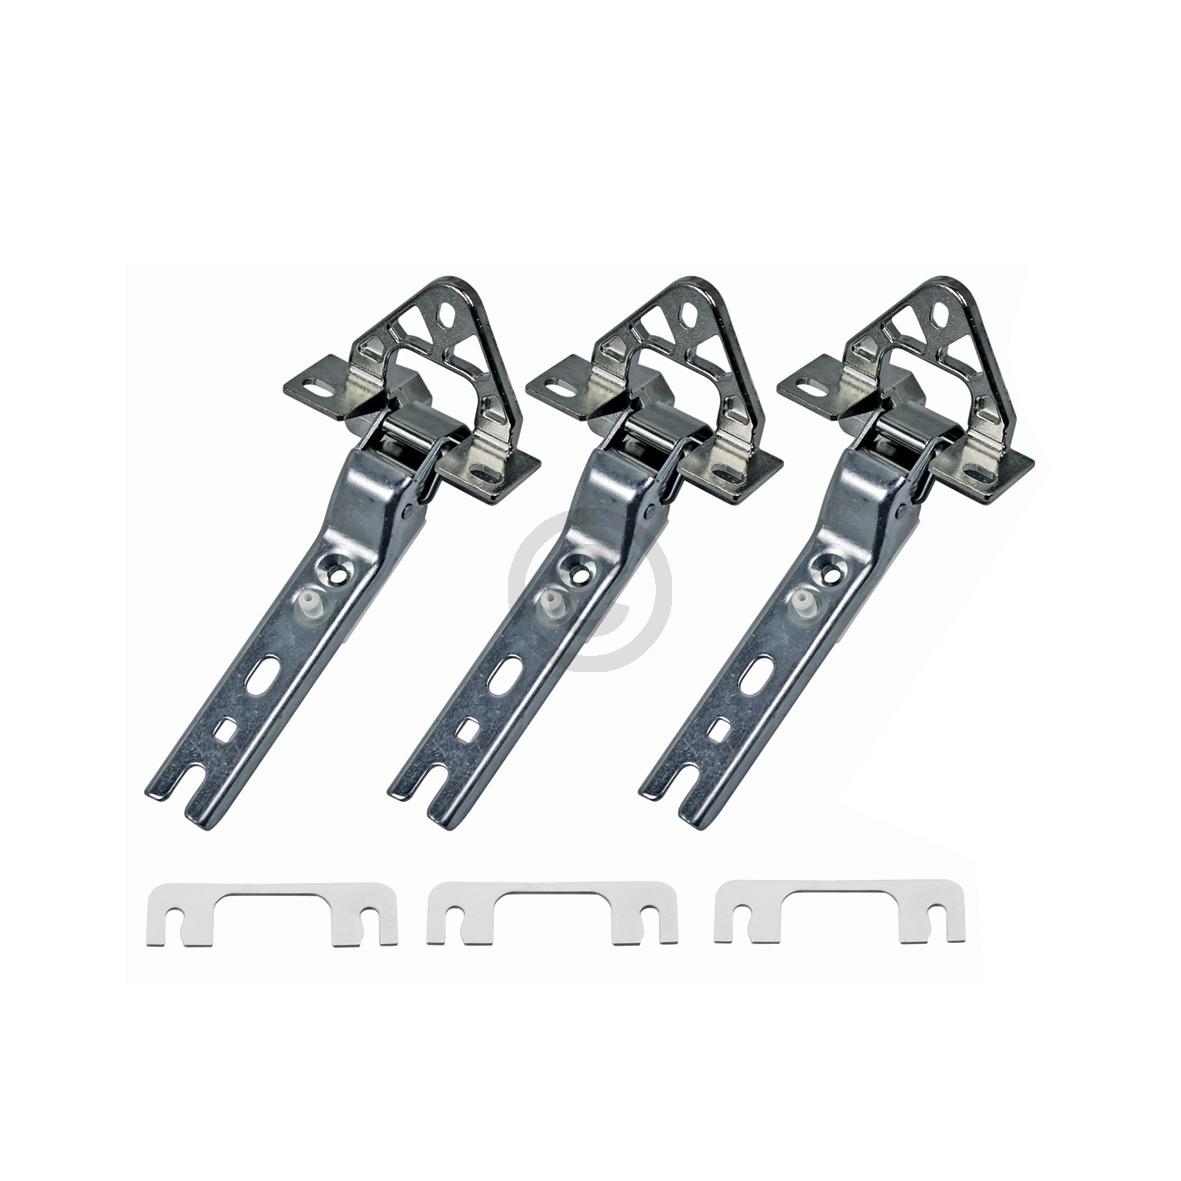 Türscharnier Einbau, 3 Stück 00268699 268699 Bauknecht, Whirlpool, Ikea, Bosch,